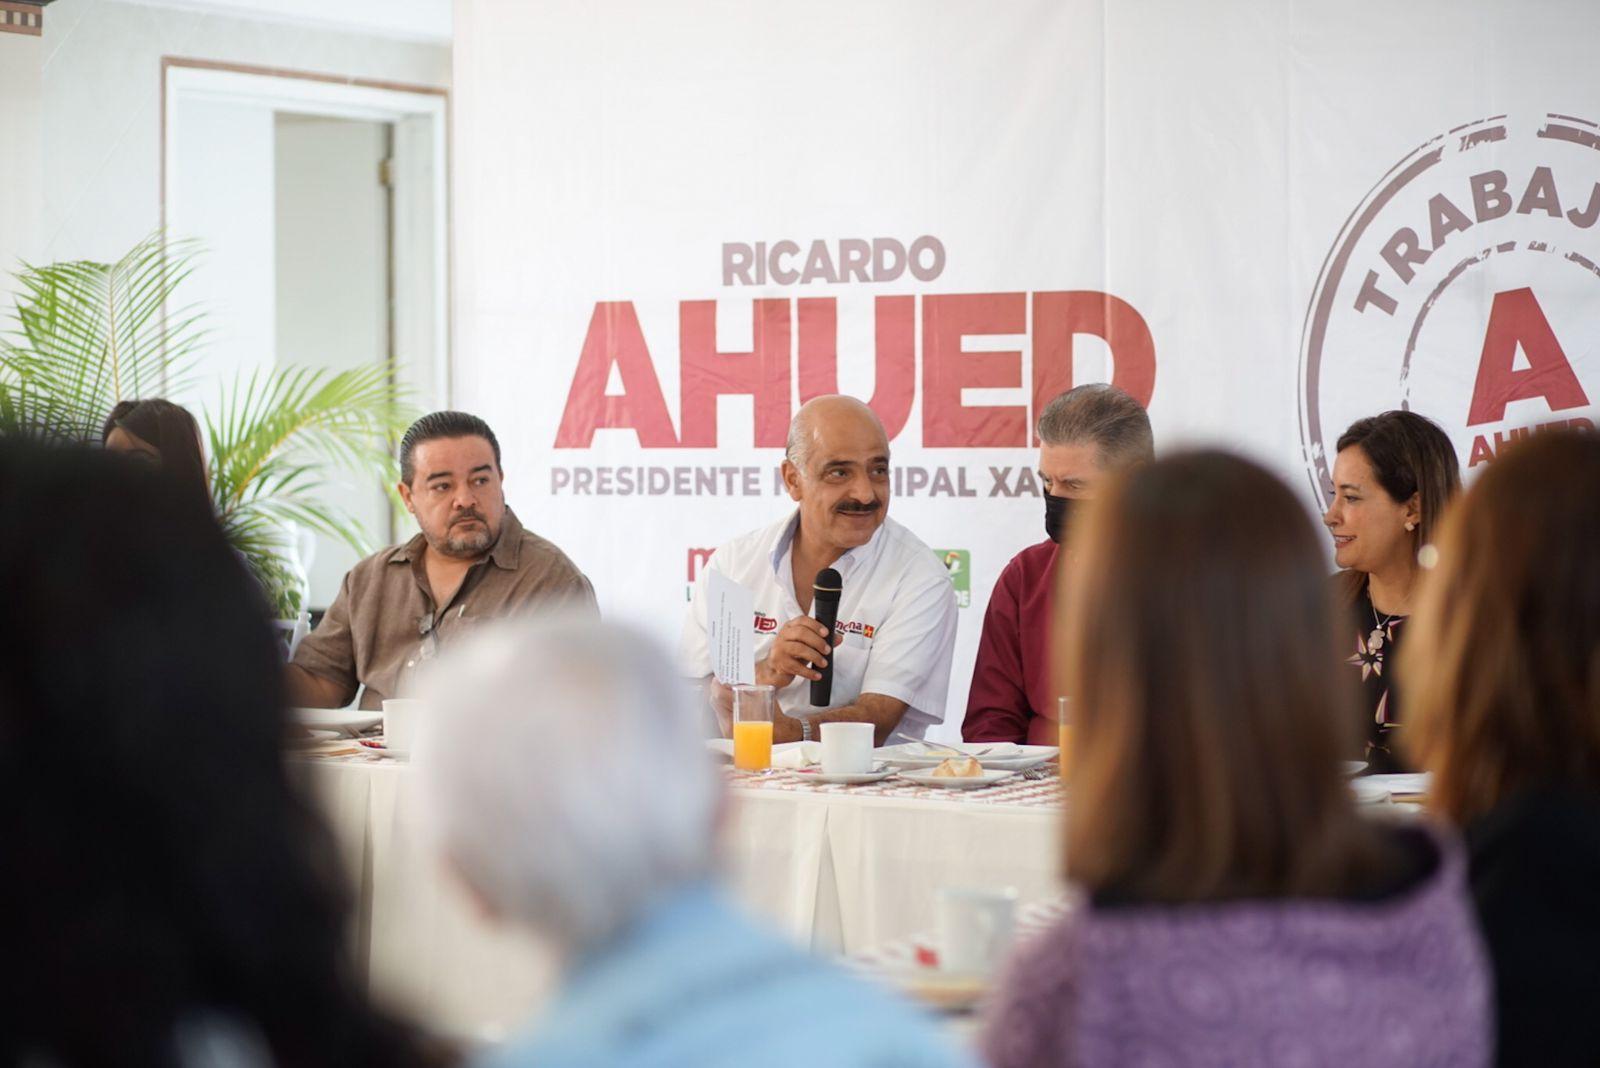 Con turismo, reactivaremos la economía: Ricardo Ahued